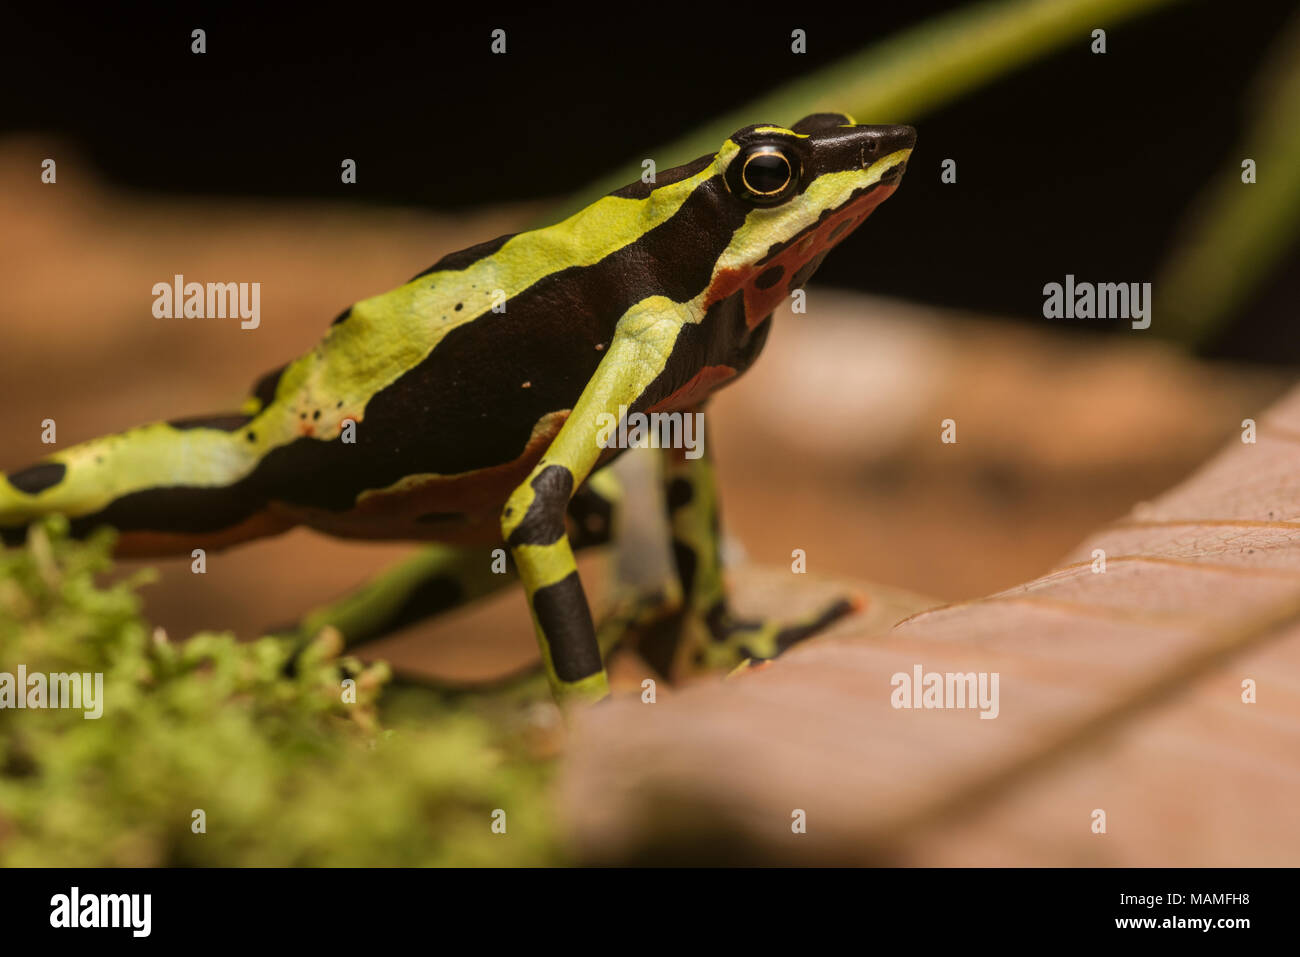 Un sapo stubfoot críticamente amenazadas, Atelopus pulcher, endémica de Perú. Las poblaciones de esta especie han disminuido y se encuentra en peligro de extinción. Imagen De Stock